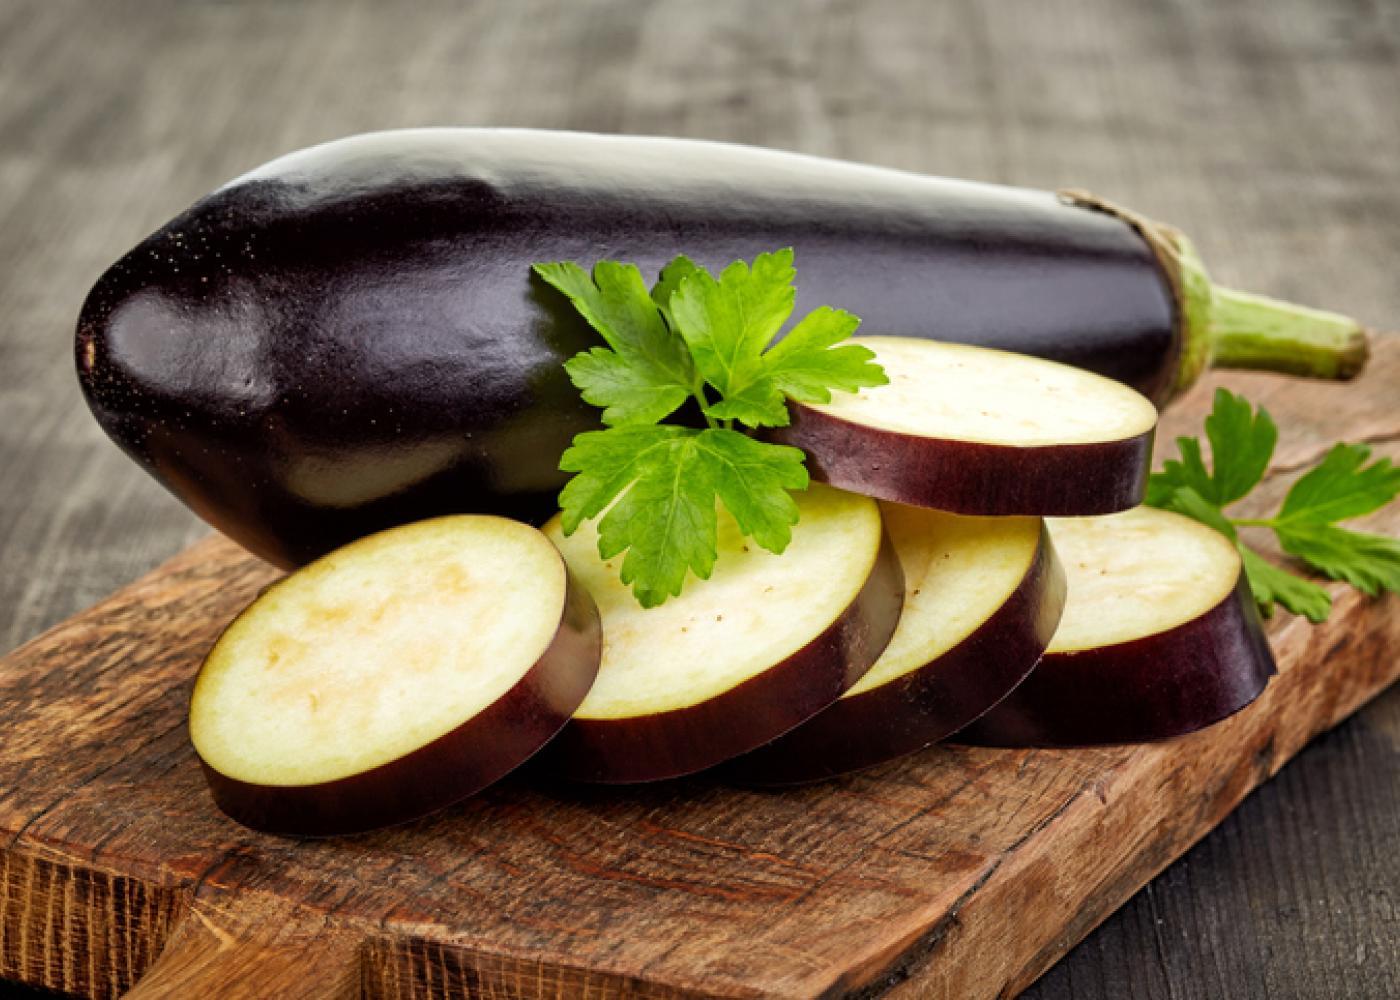 New eggplant